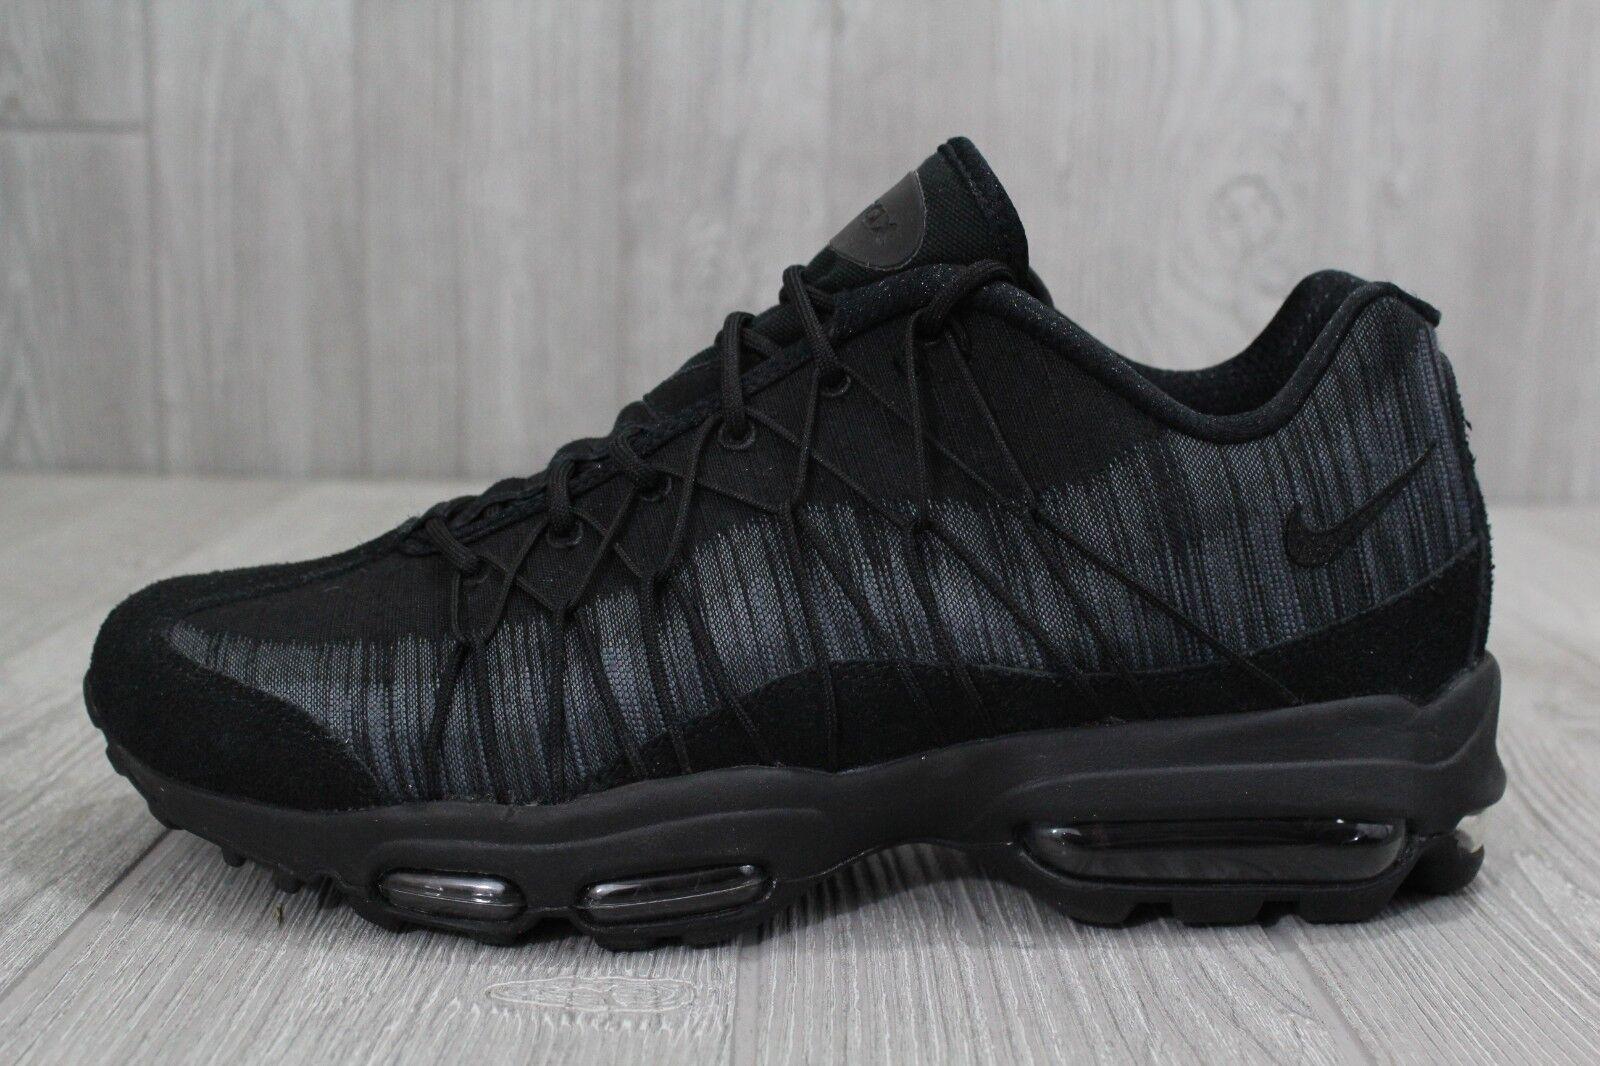 26 Hommes Chaussures Nouveaux 95 Et Gris Noirs Max Air Nike tqBxwRnv1